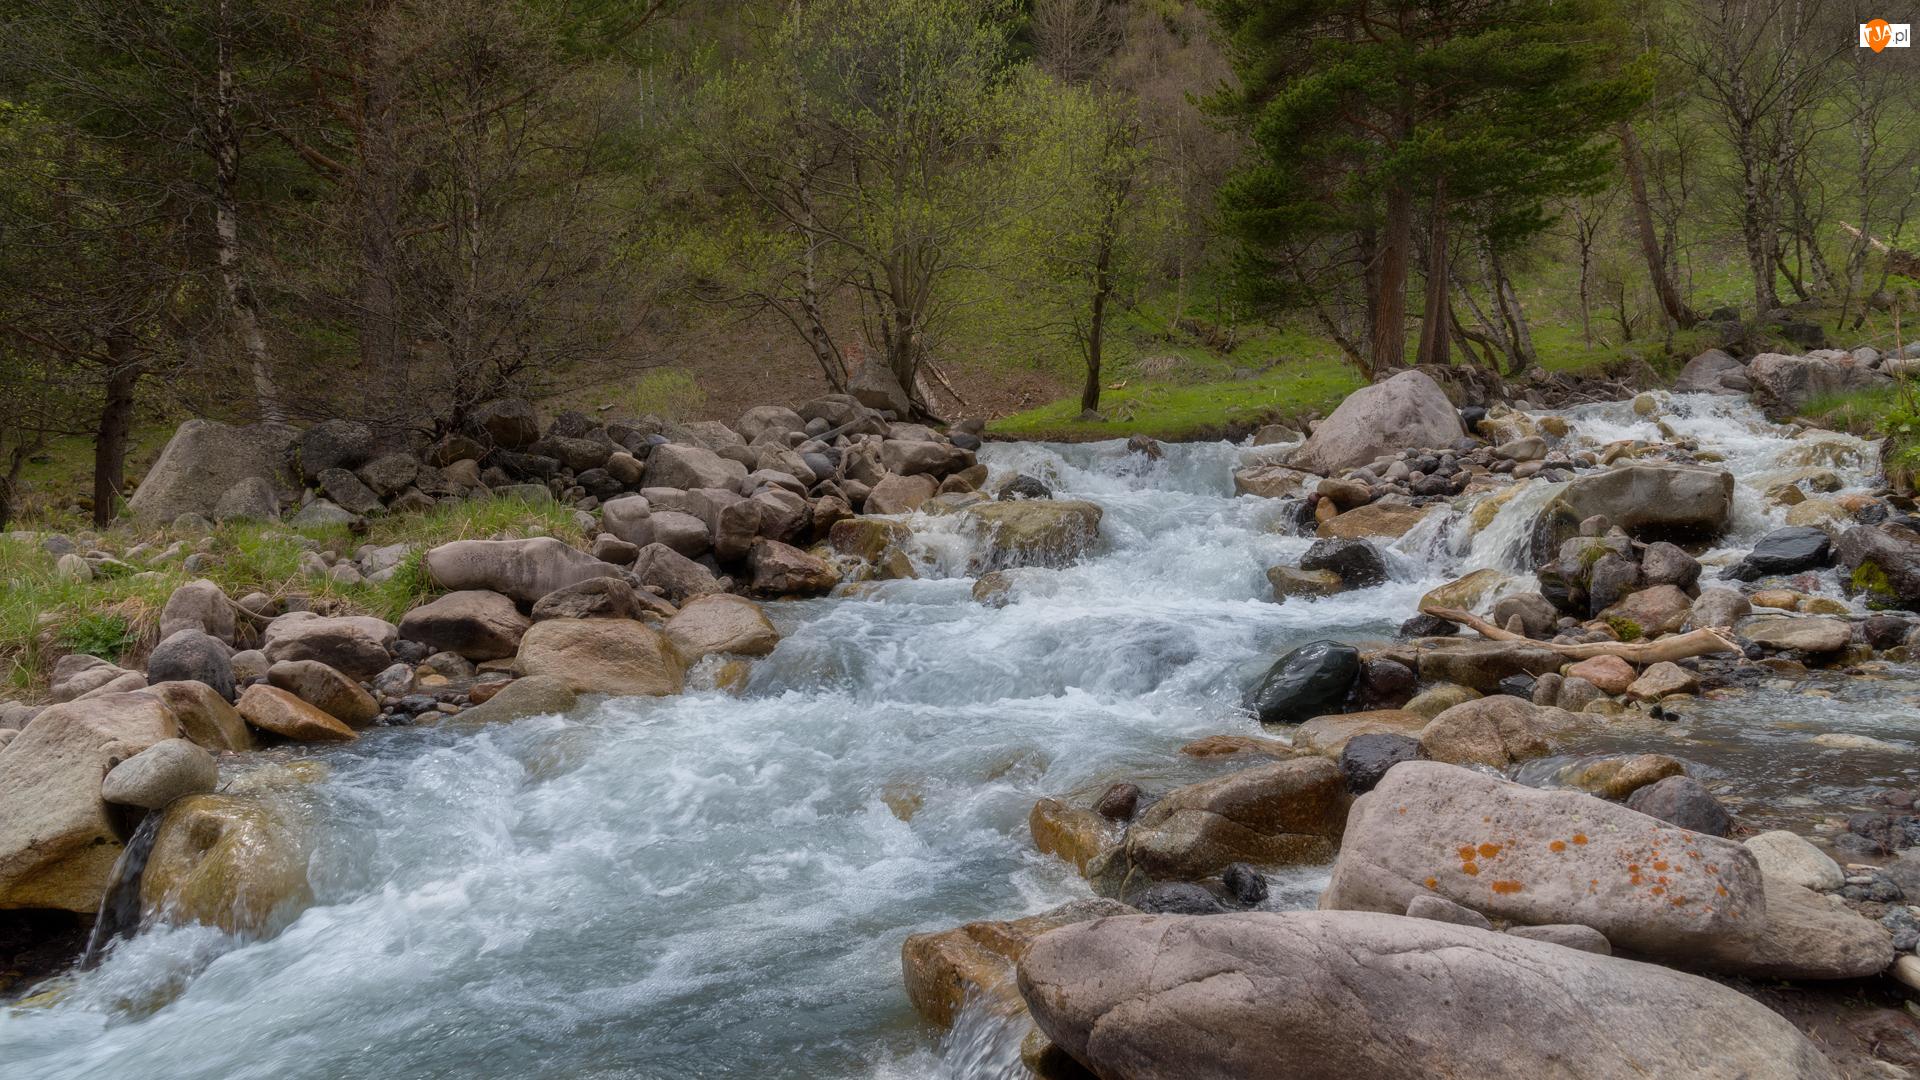 Strumień, Drzewa, Rzeka, Las, Kamienie